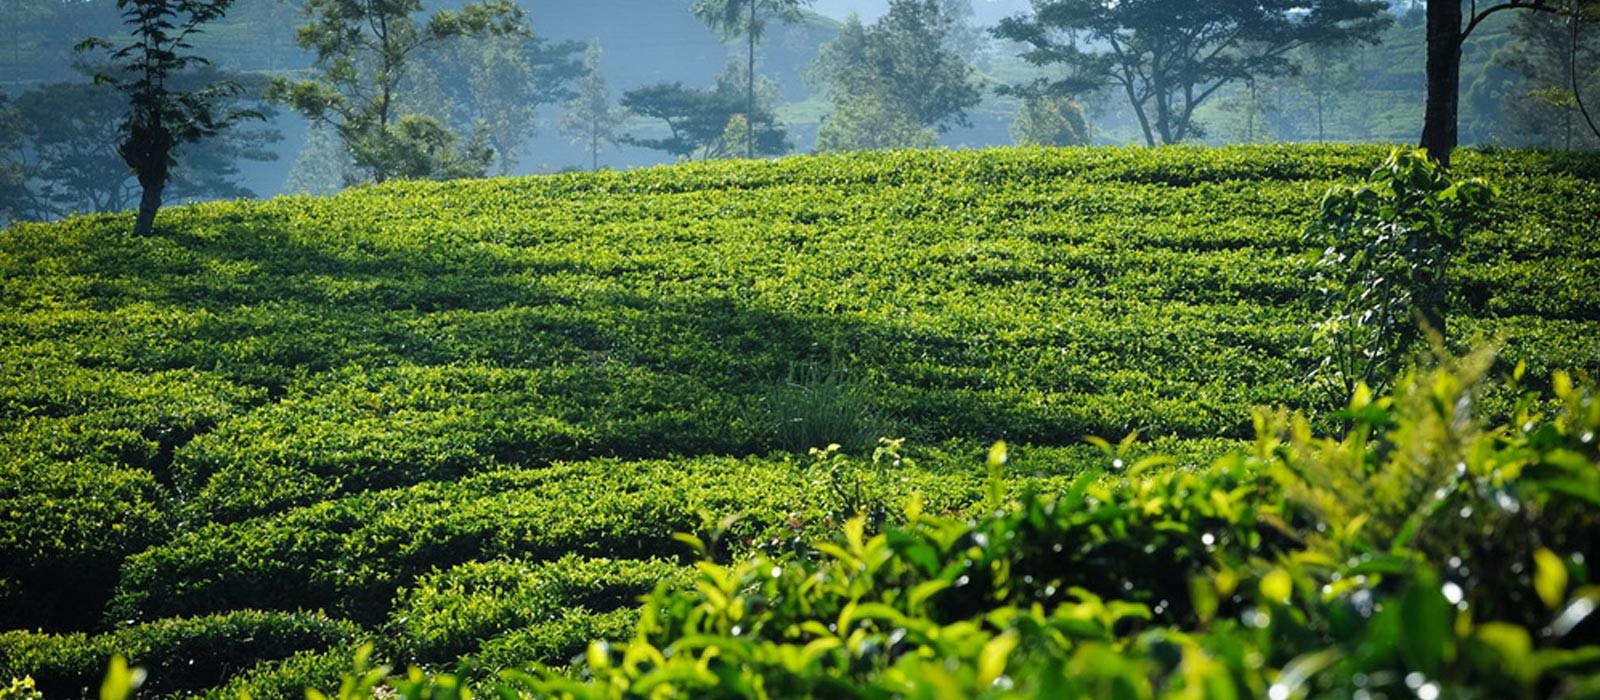 Ceylonn Tea Exports